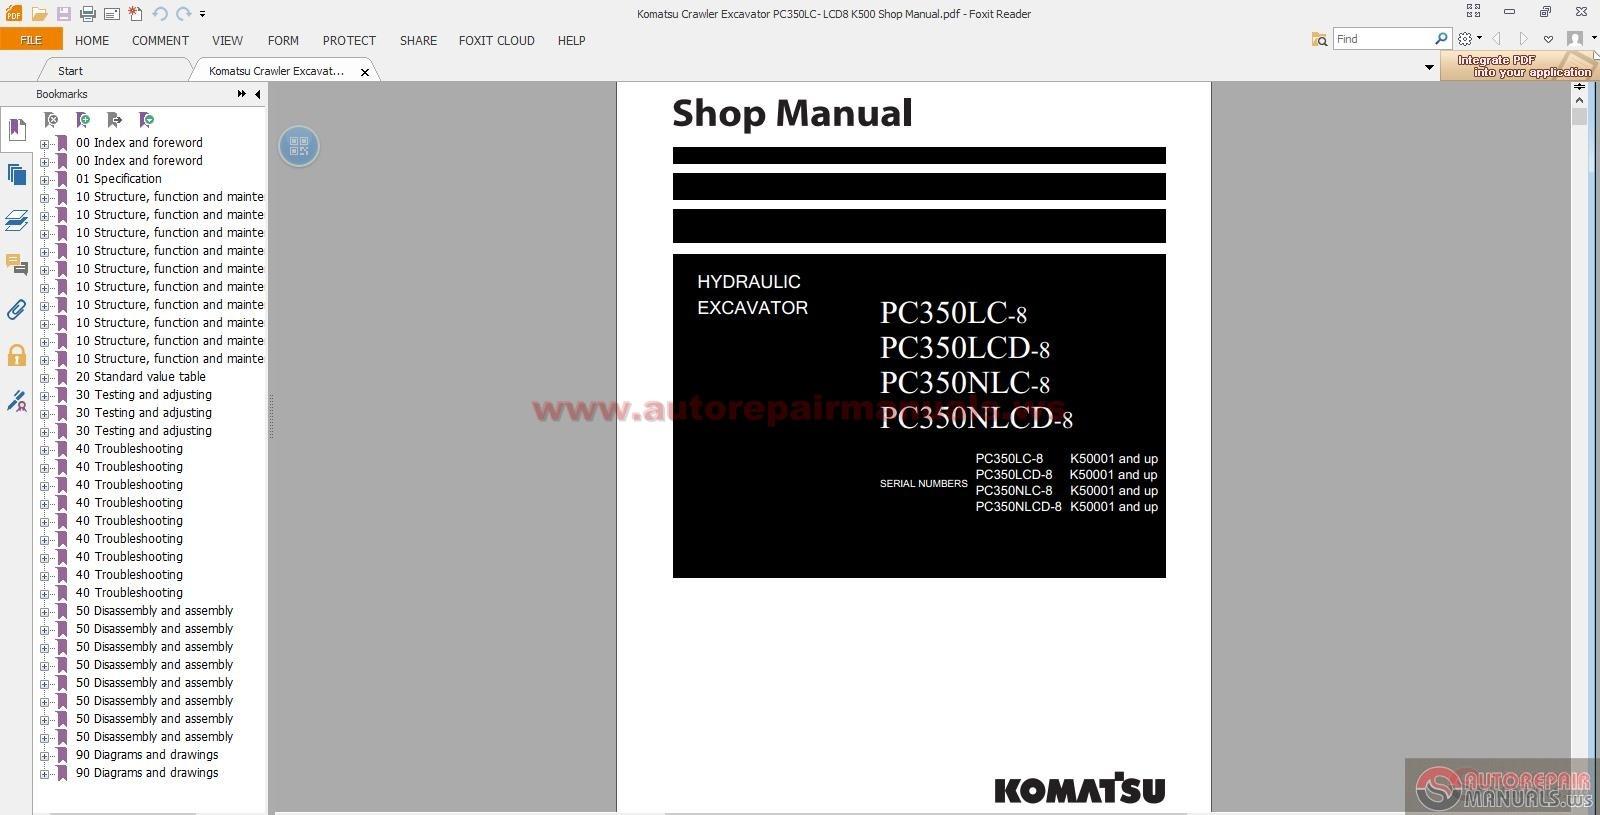 Komatsu Crawler Excavator Pc350lc Lcd8 K500 Shop Manual